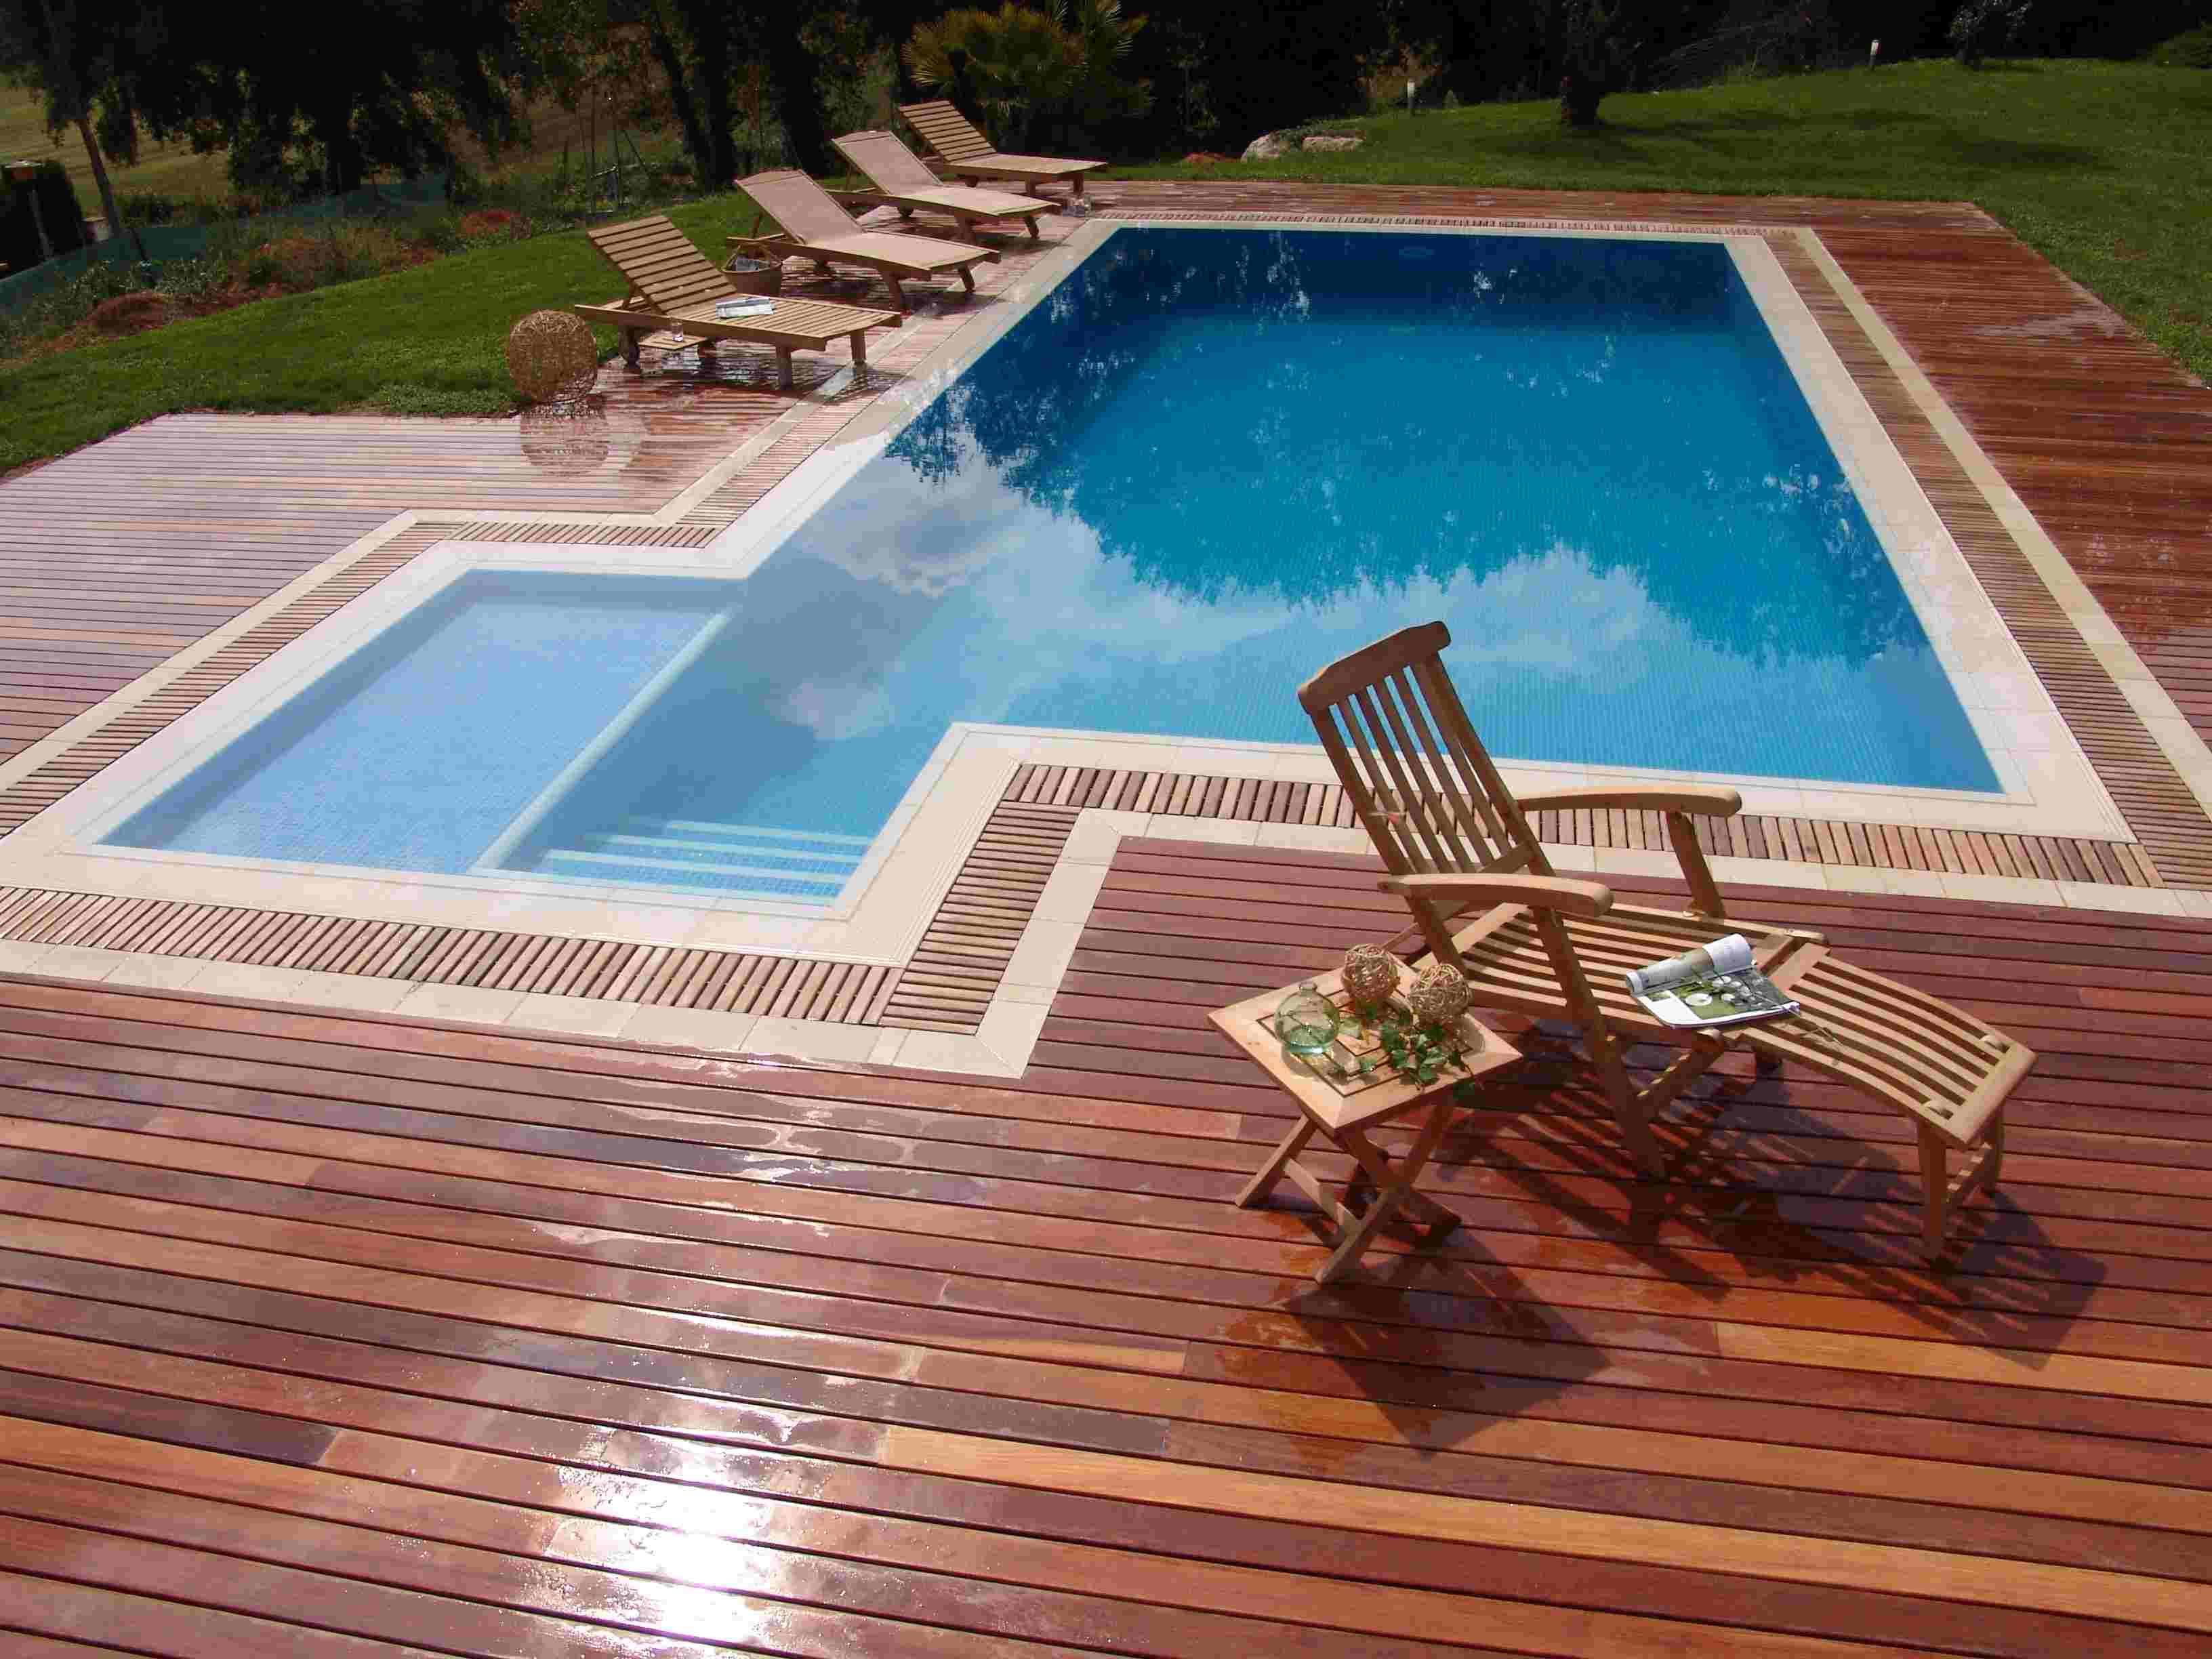 da área da piscina Piso de madeira para deck de piscina de vinil #087198 3264x2448